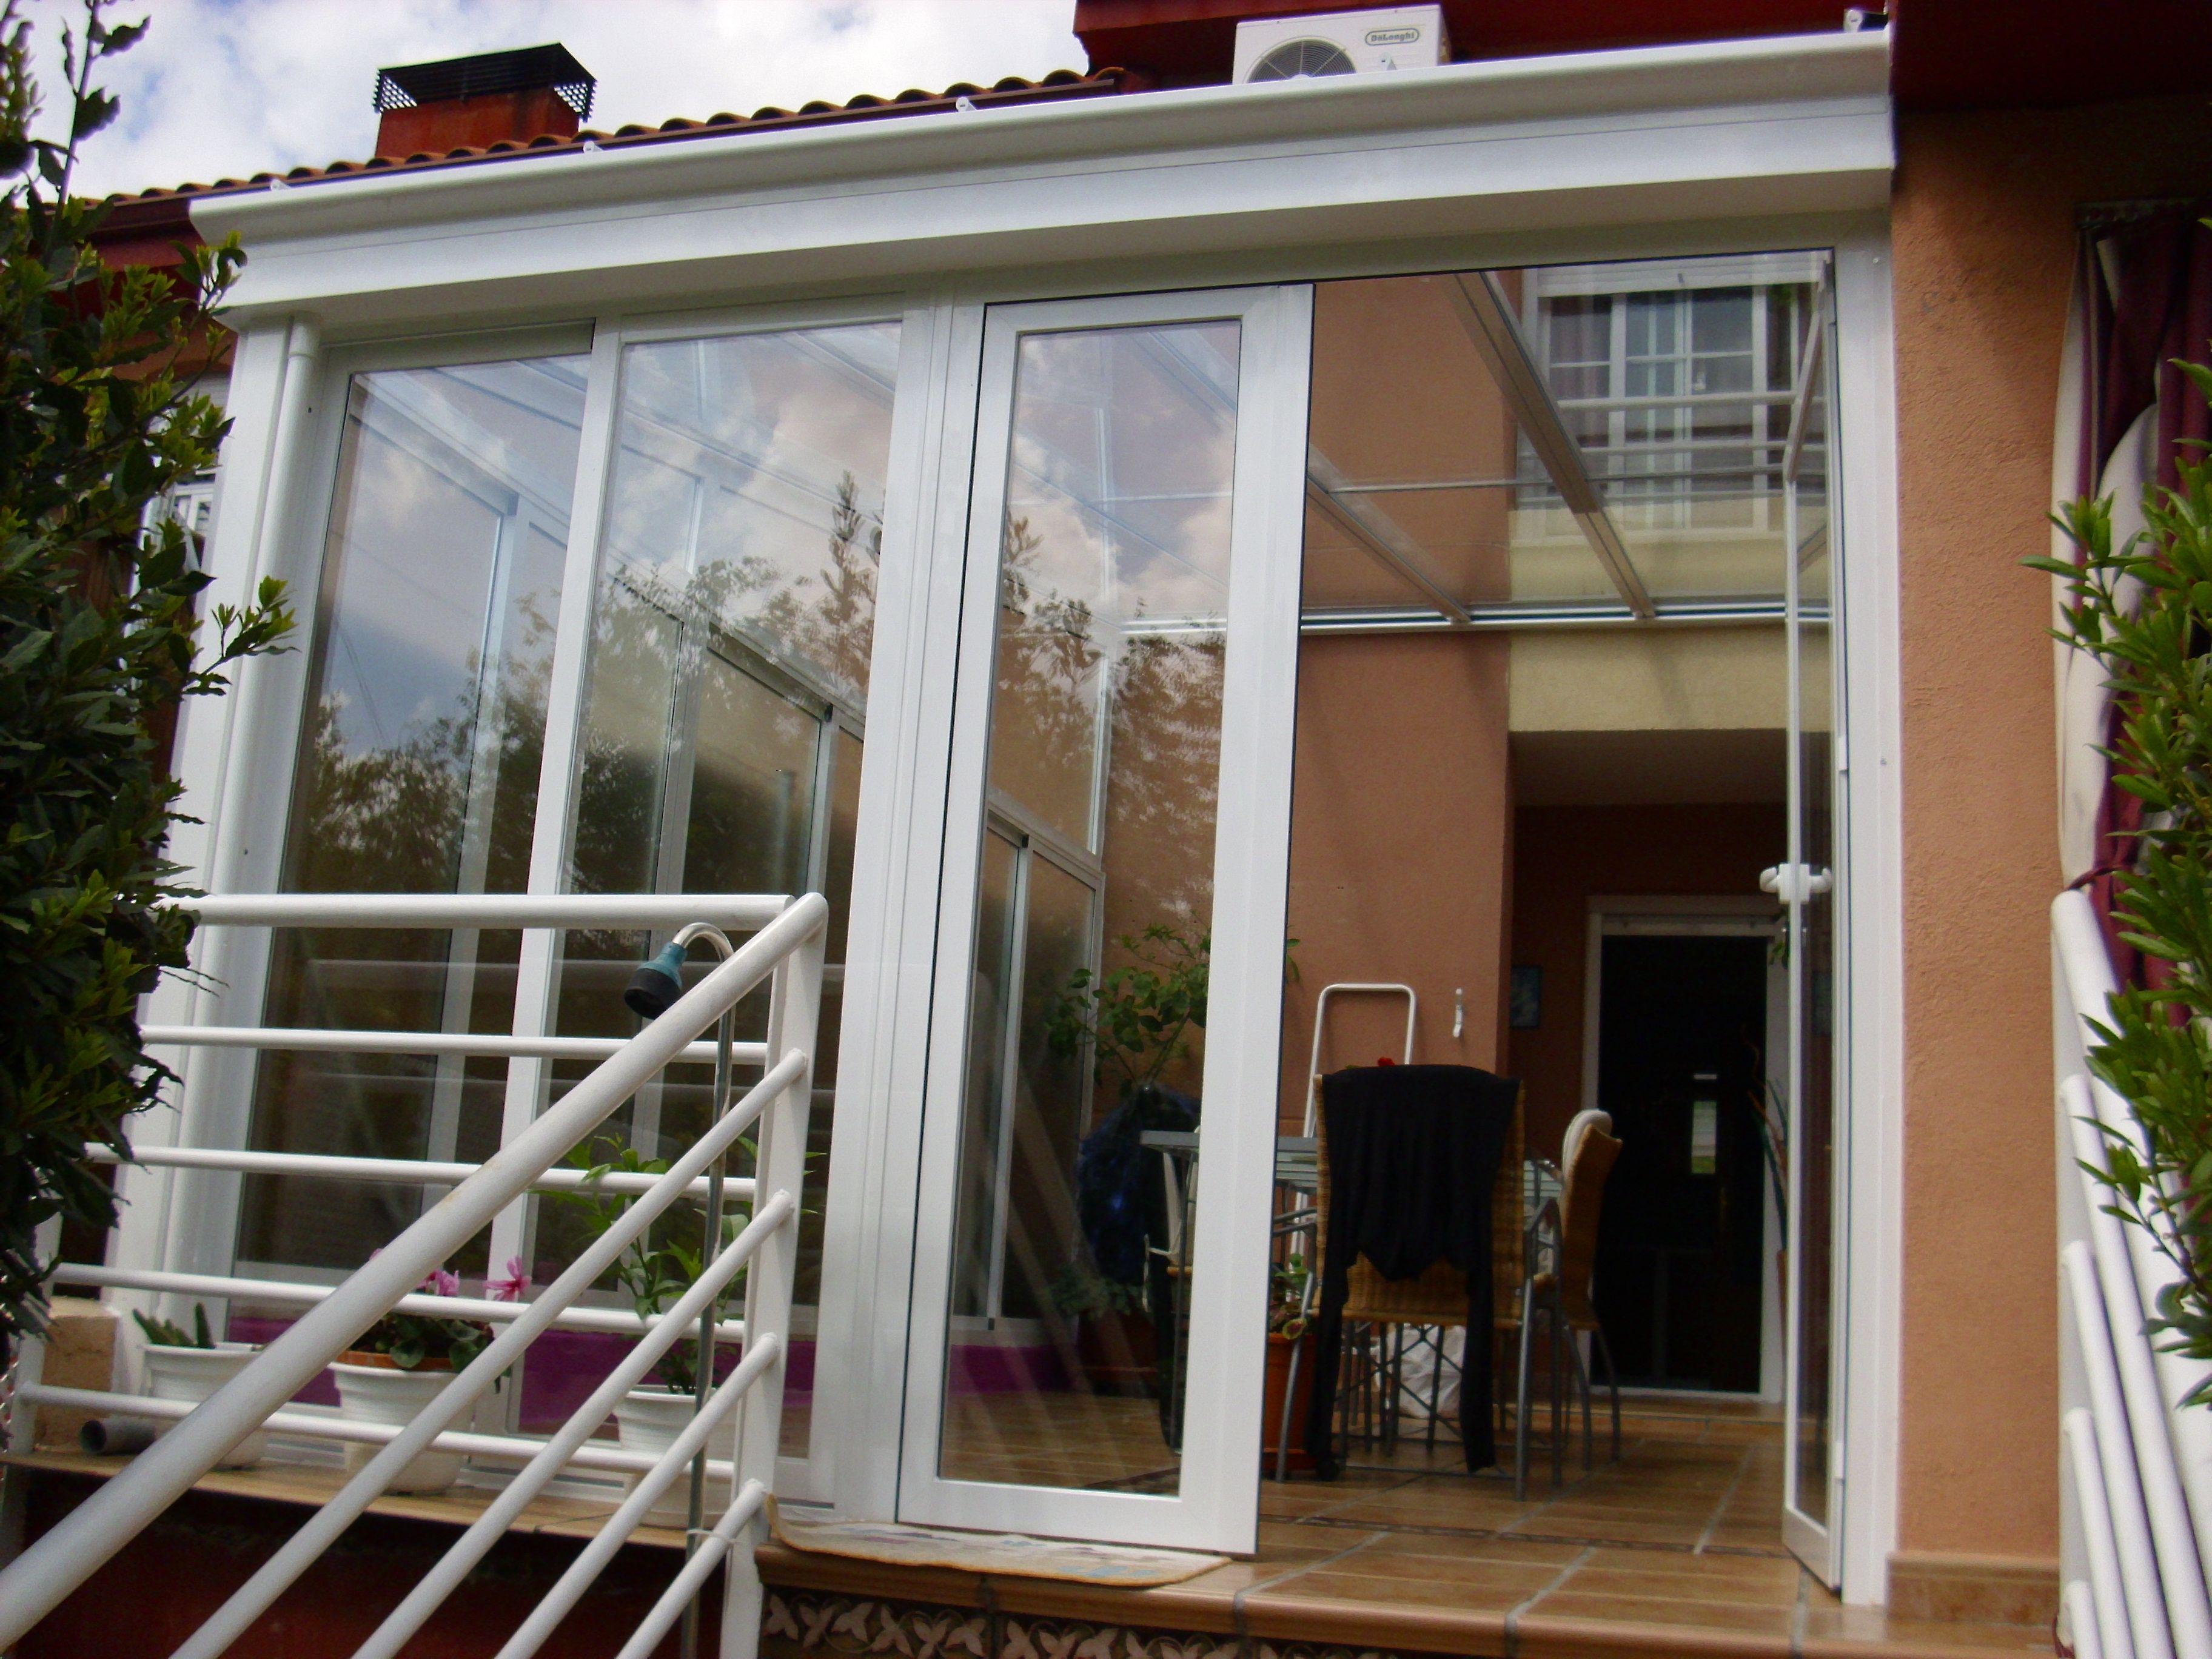 Cerramientos de cristales acristalamientos y cerramientos para terrazas y porches los - Cerramientos de aluminio para porches ...